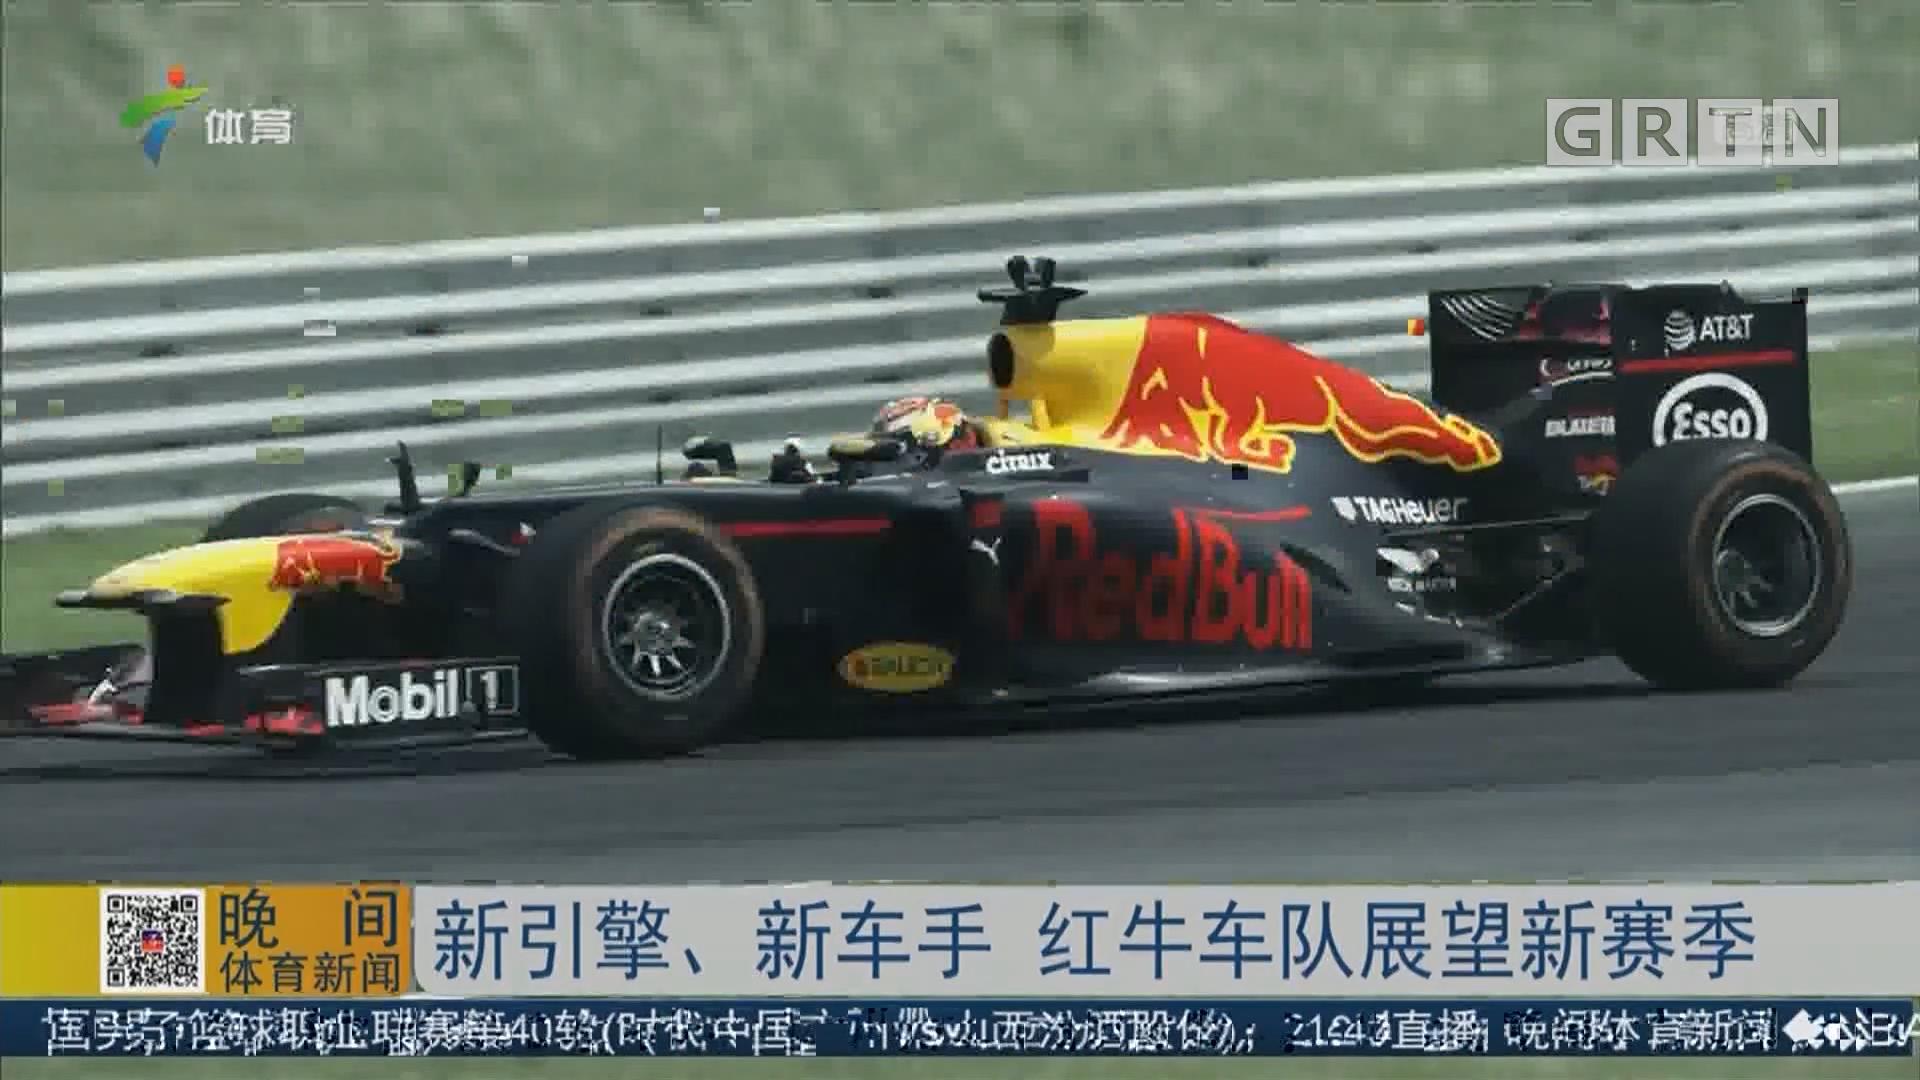 新引擎、新车手 红牛车队展望新赛季